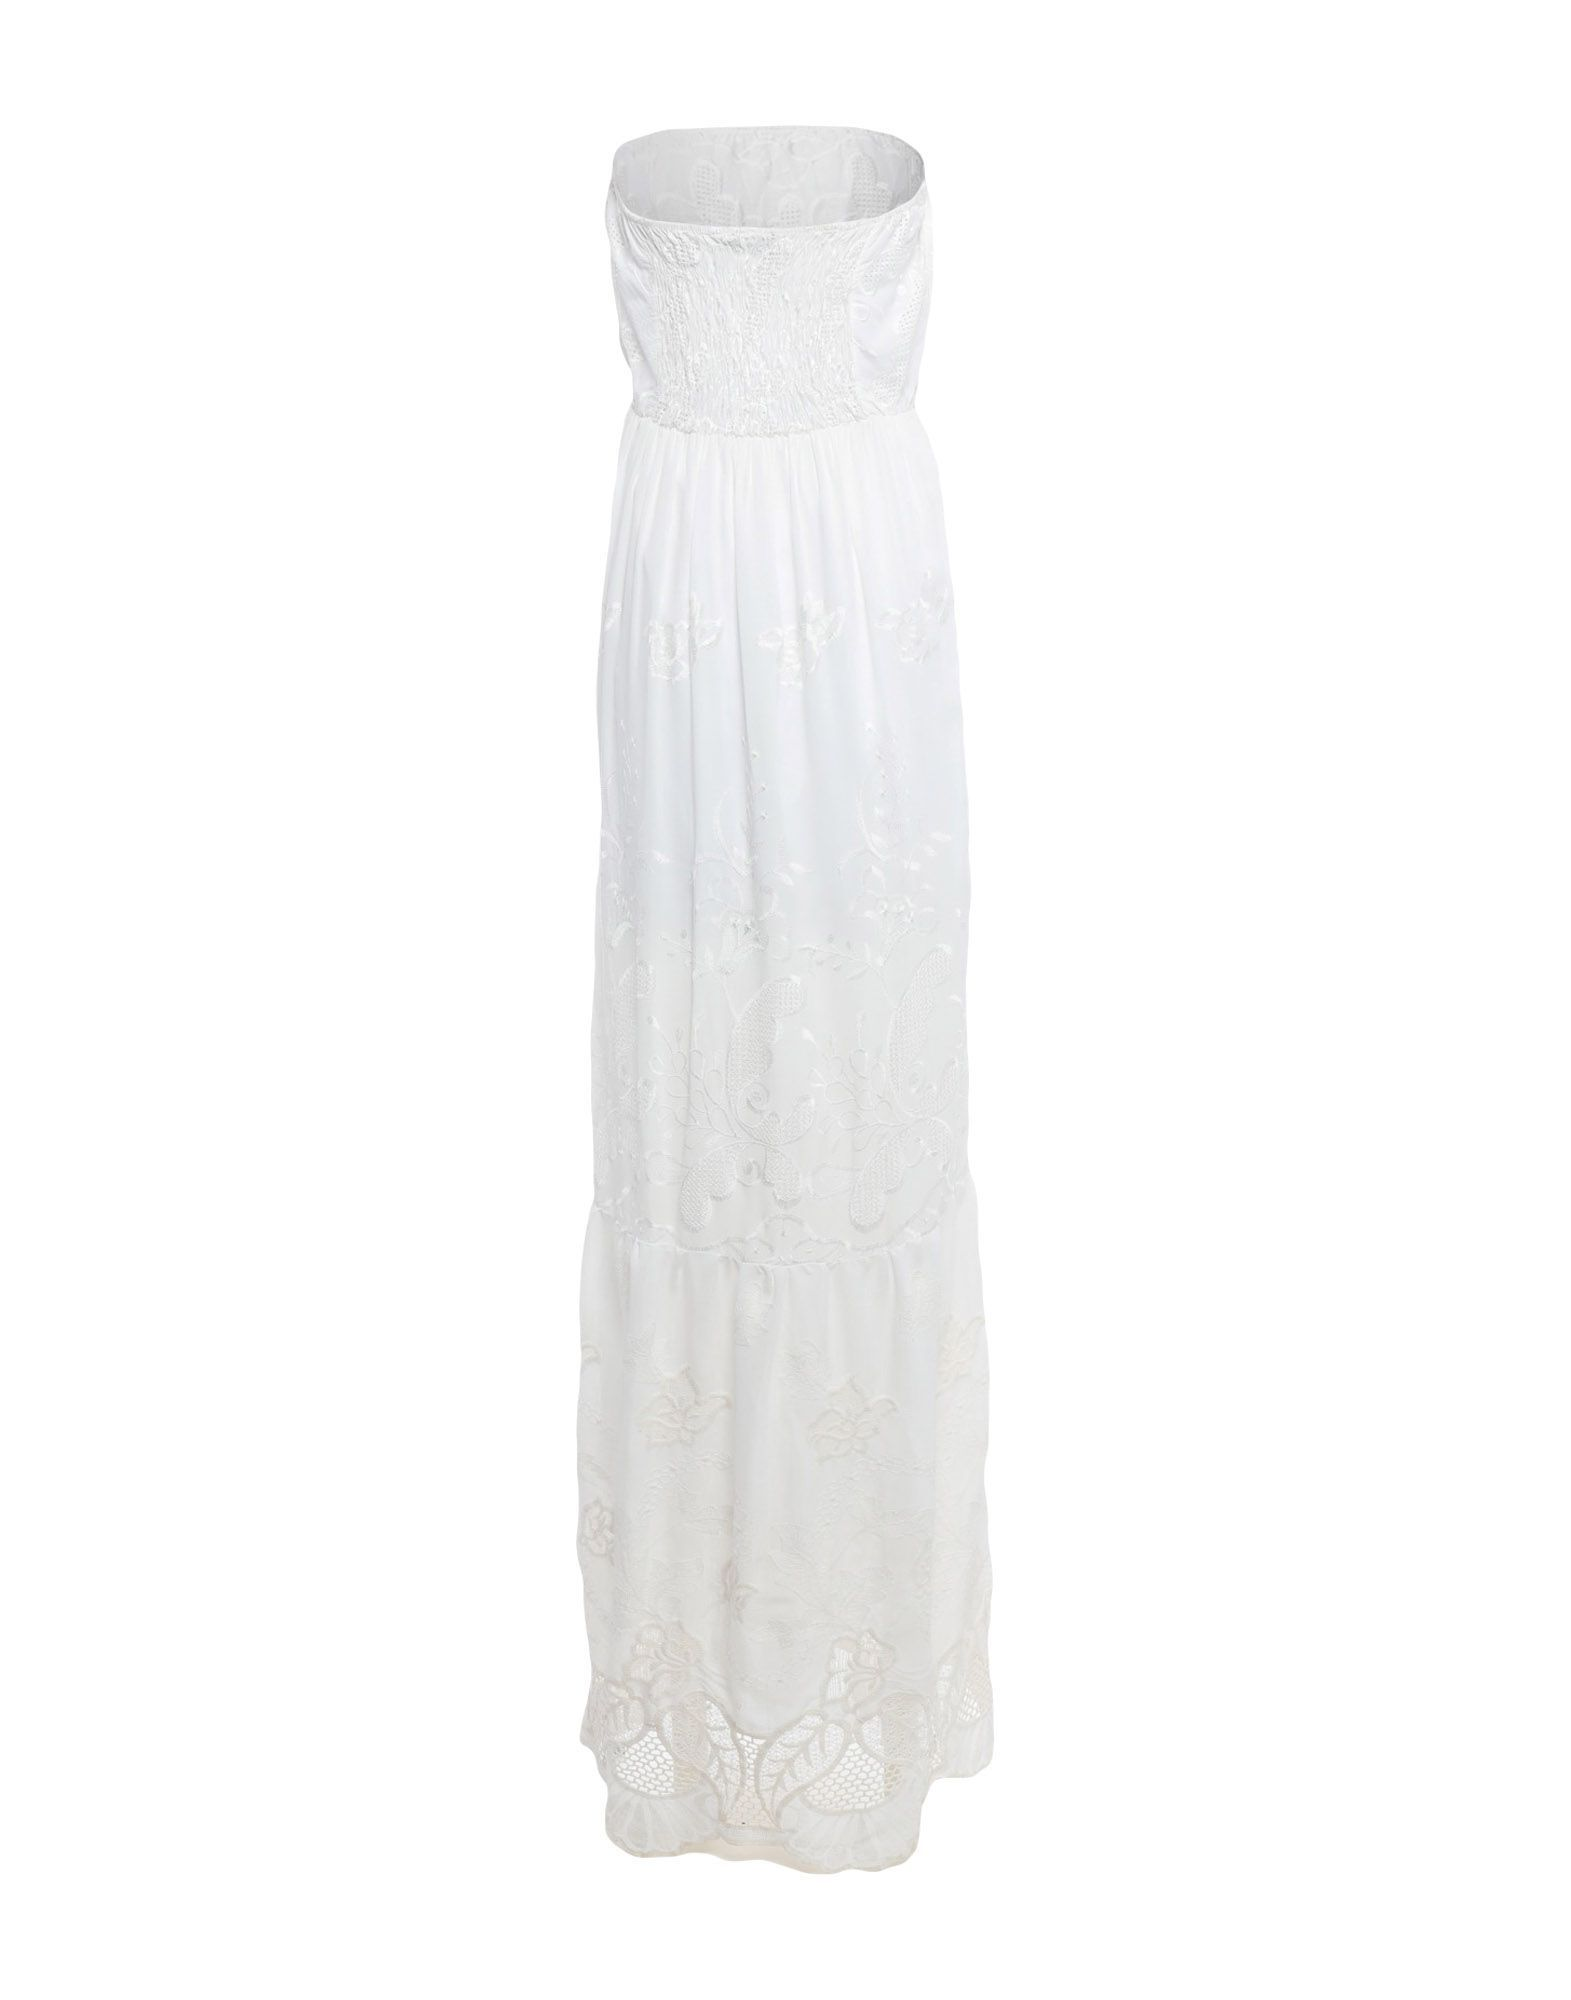 Fracomina White Full Length Dress